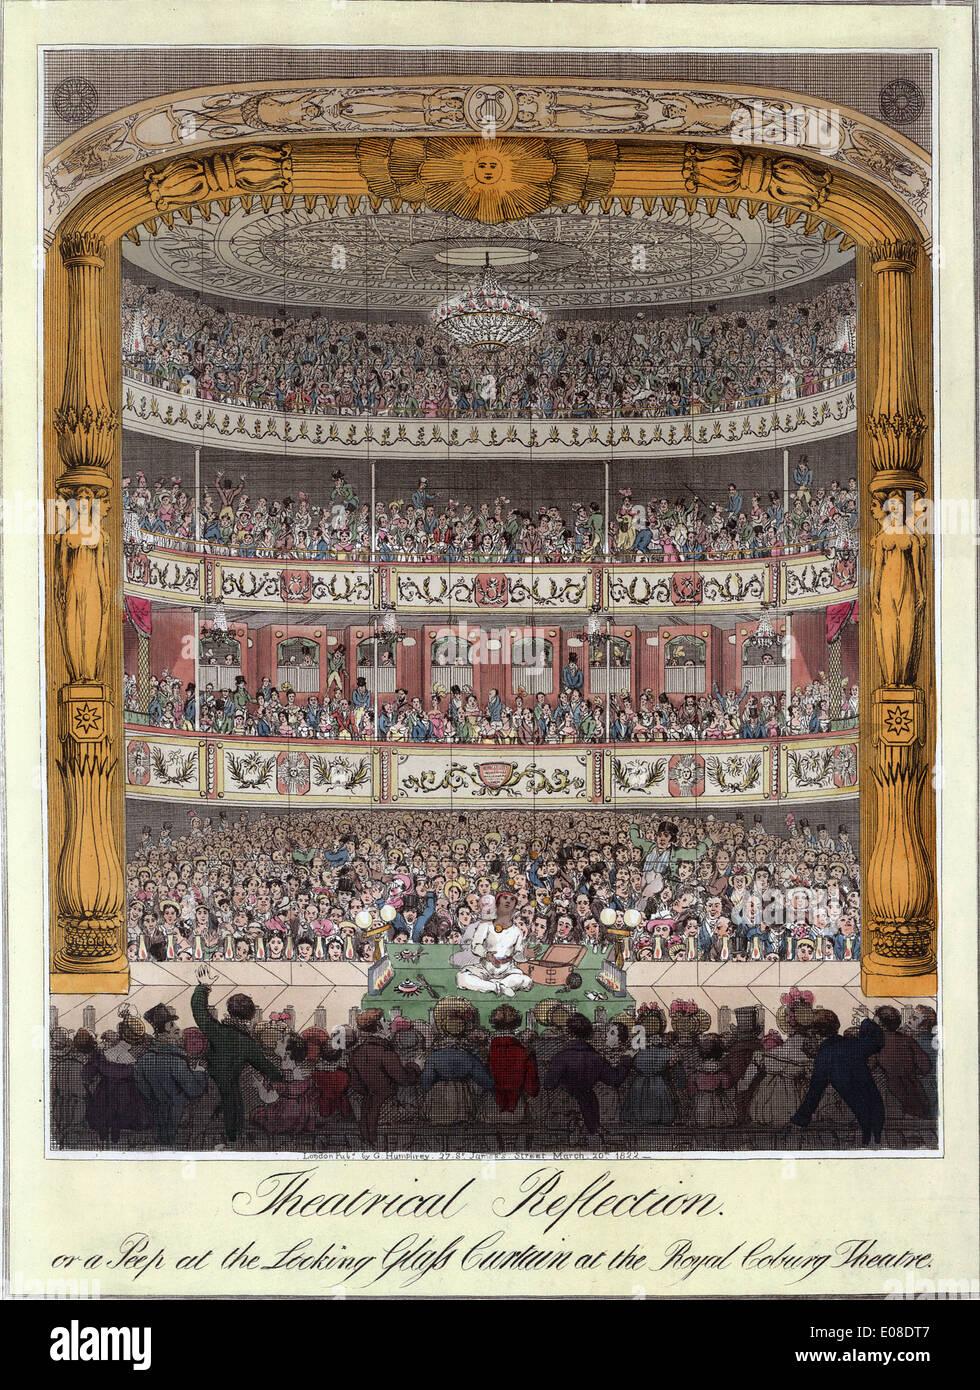 Impresión de histórico de Royal Coburg, el Teatro Old Vic Theatre, Londres, Inglaterra, Reino Unido. Imagen De Stock